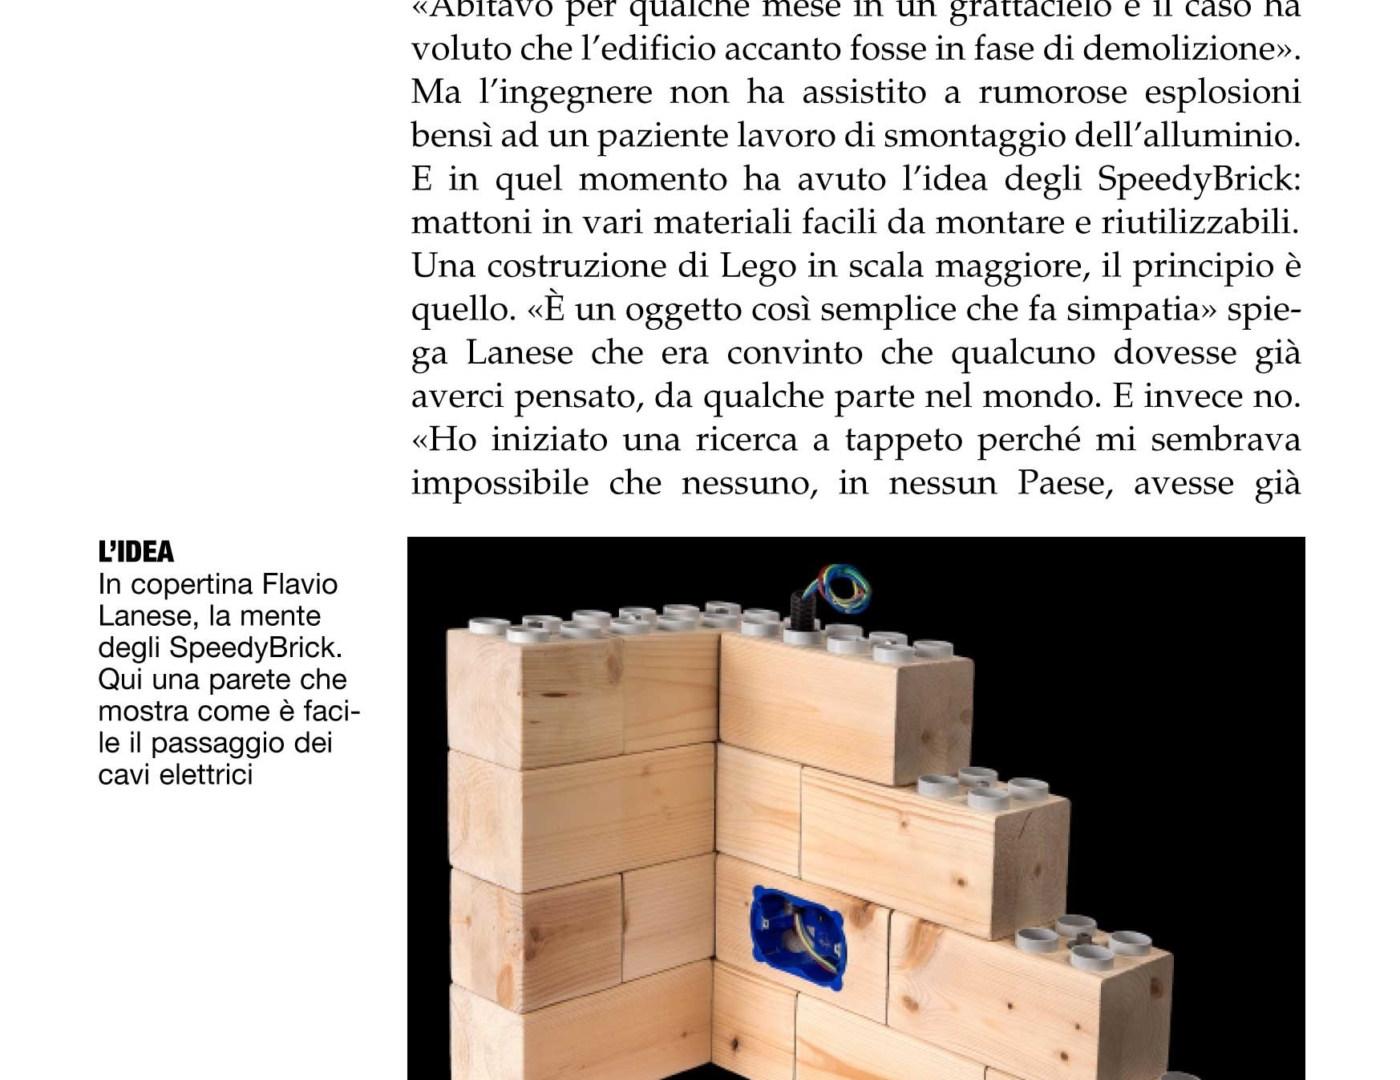 La Repubblica - 16-09-2015